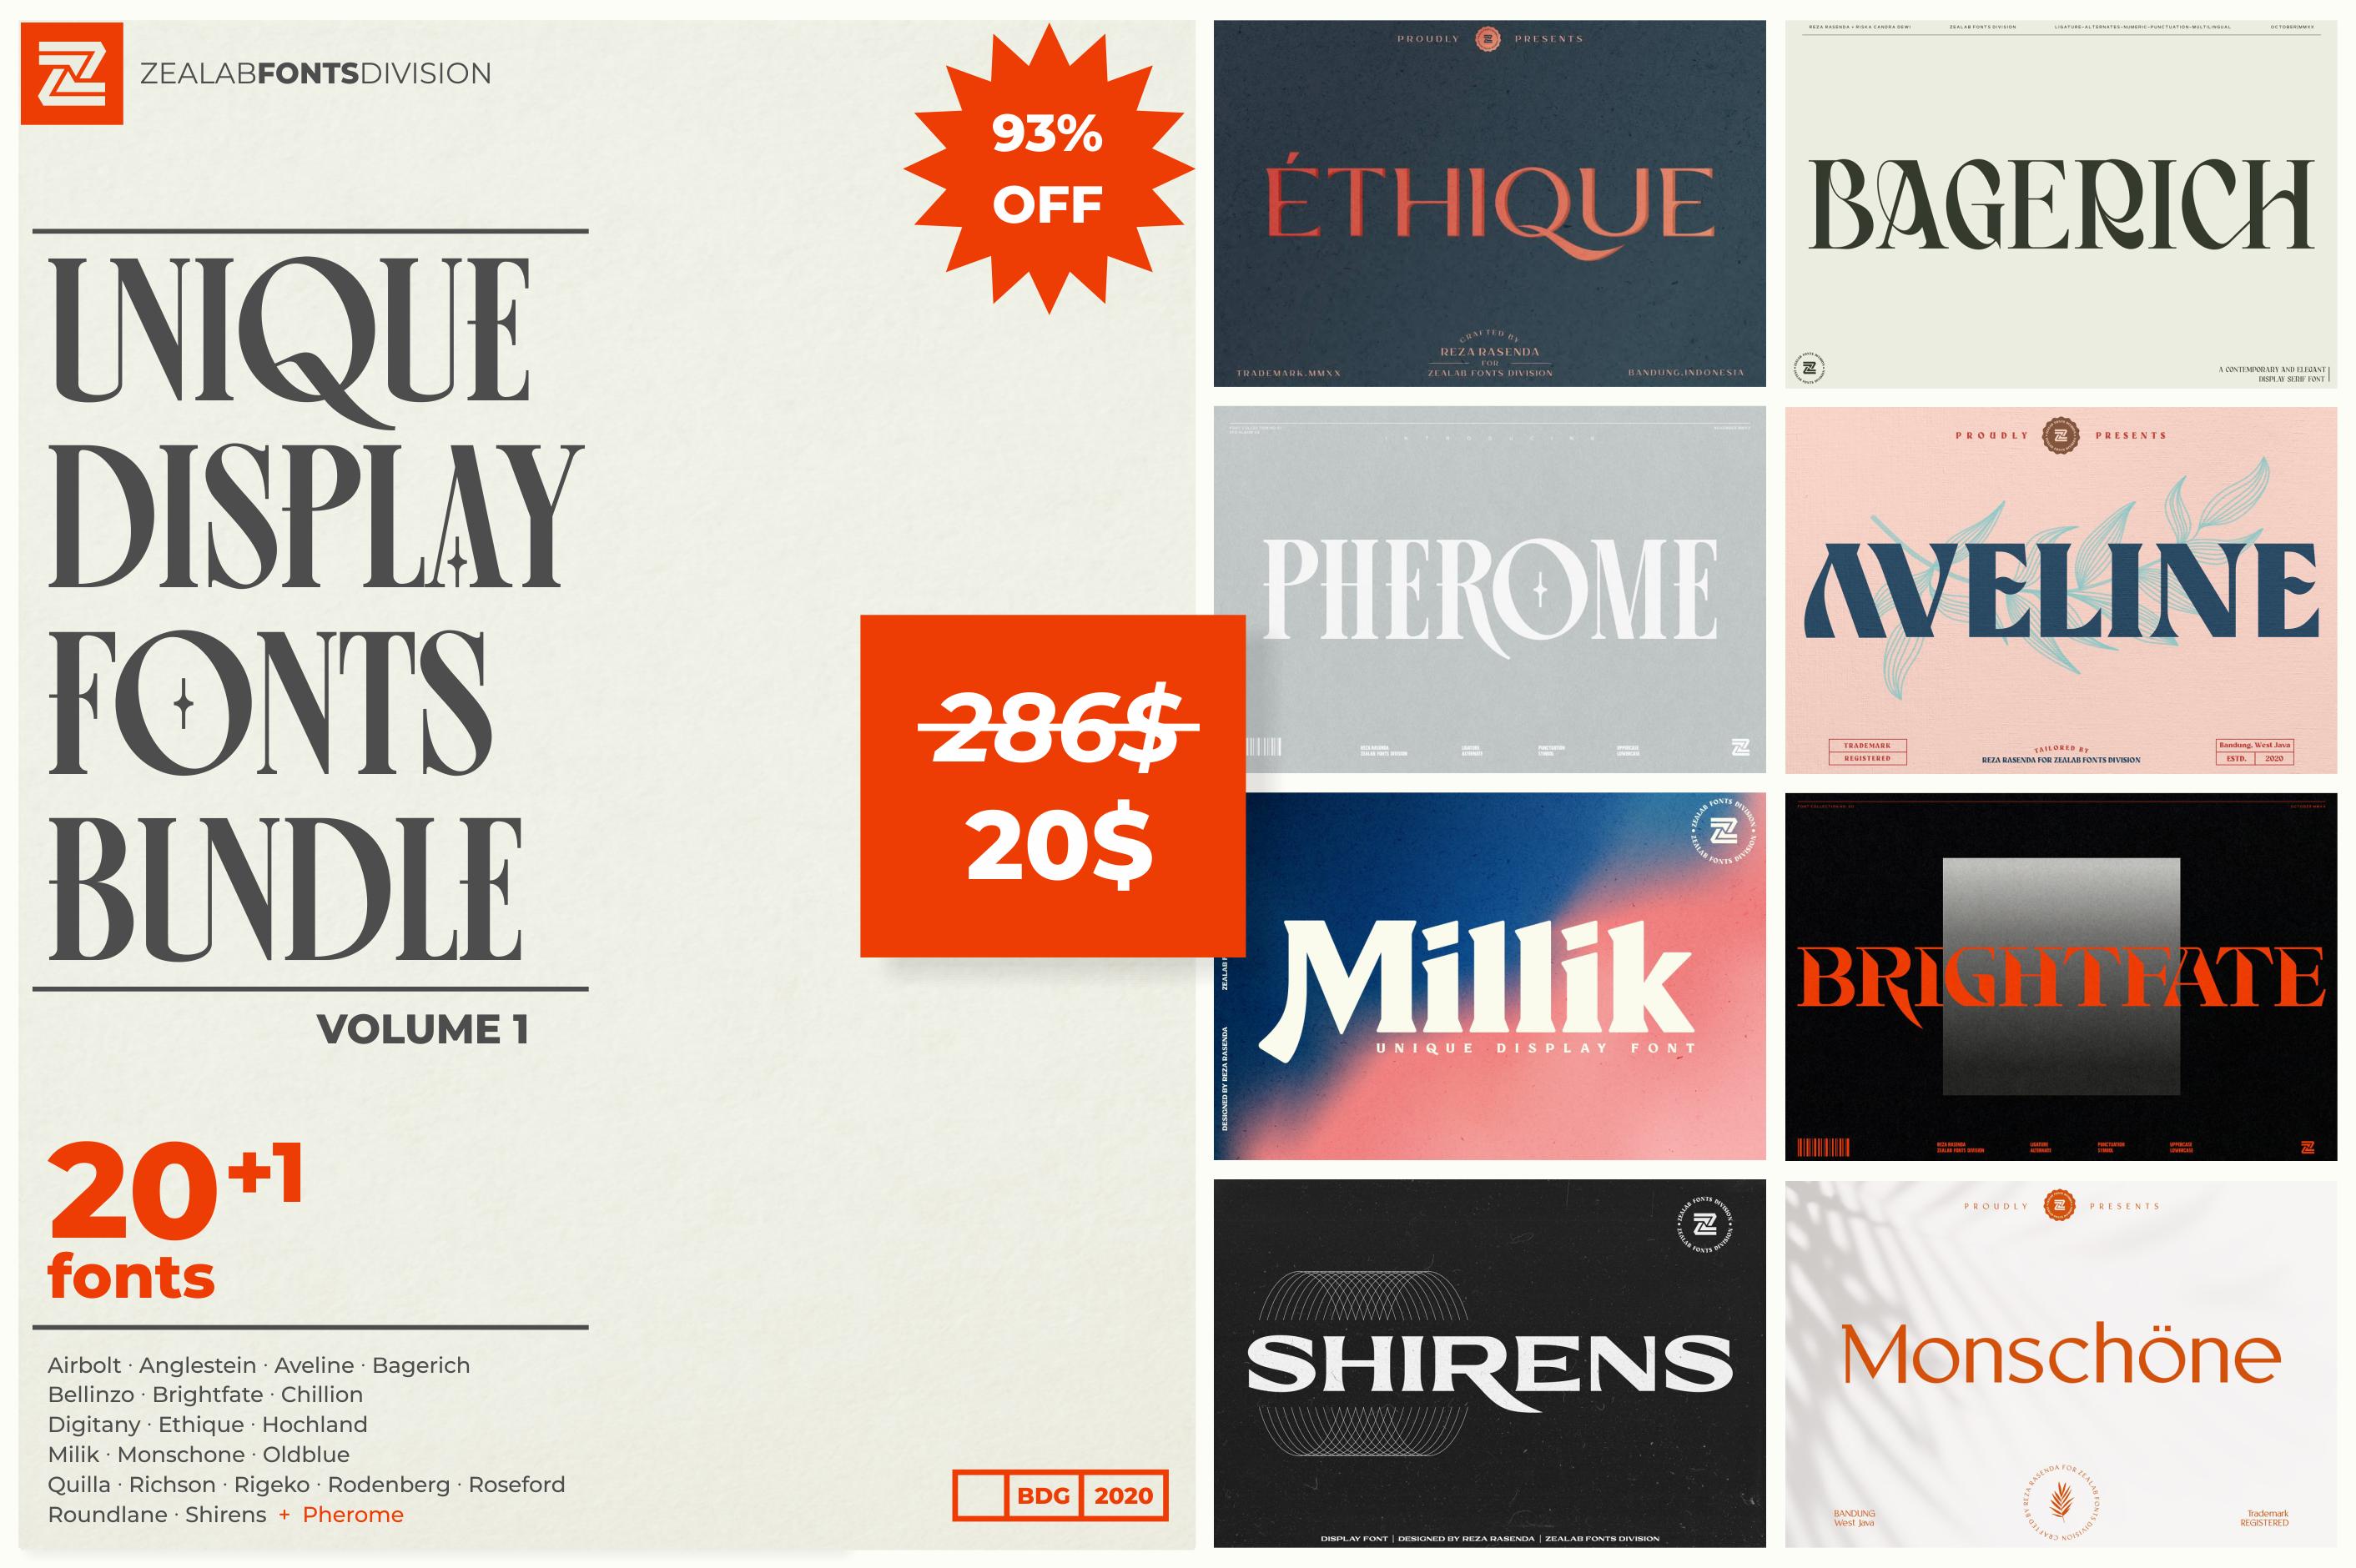 Unique Display Fonts Bundle vol.1